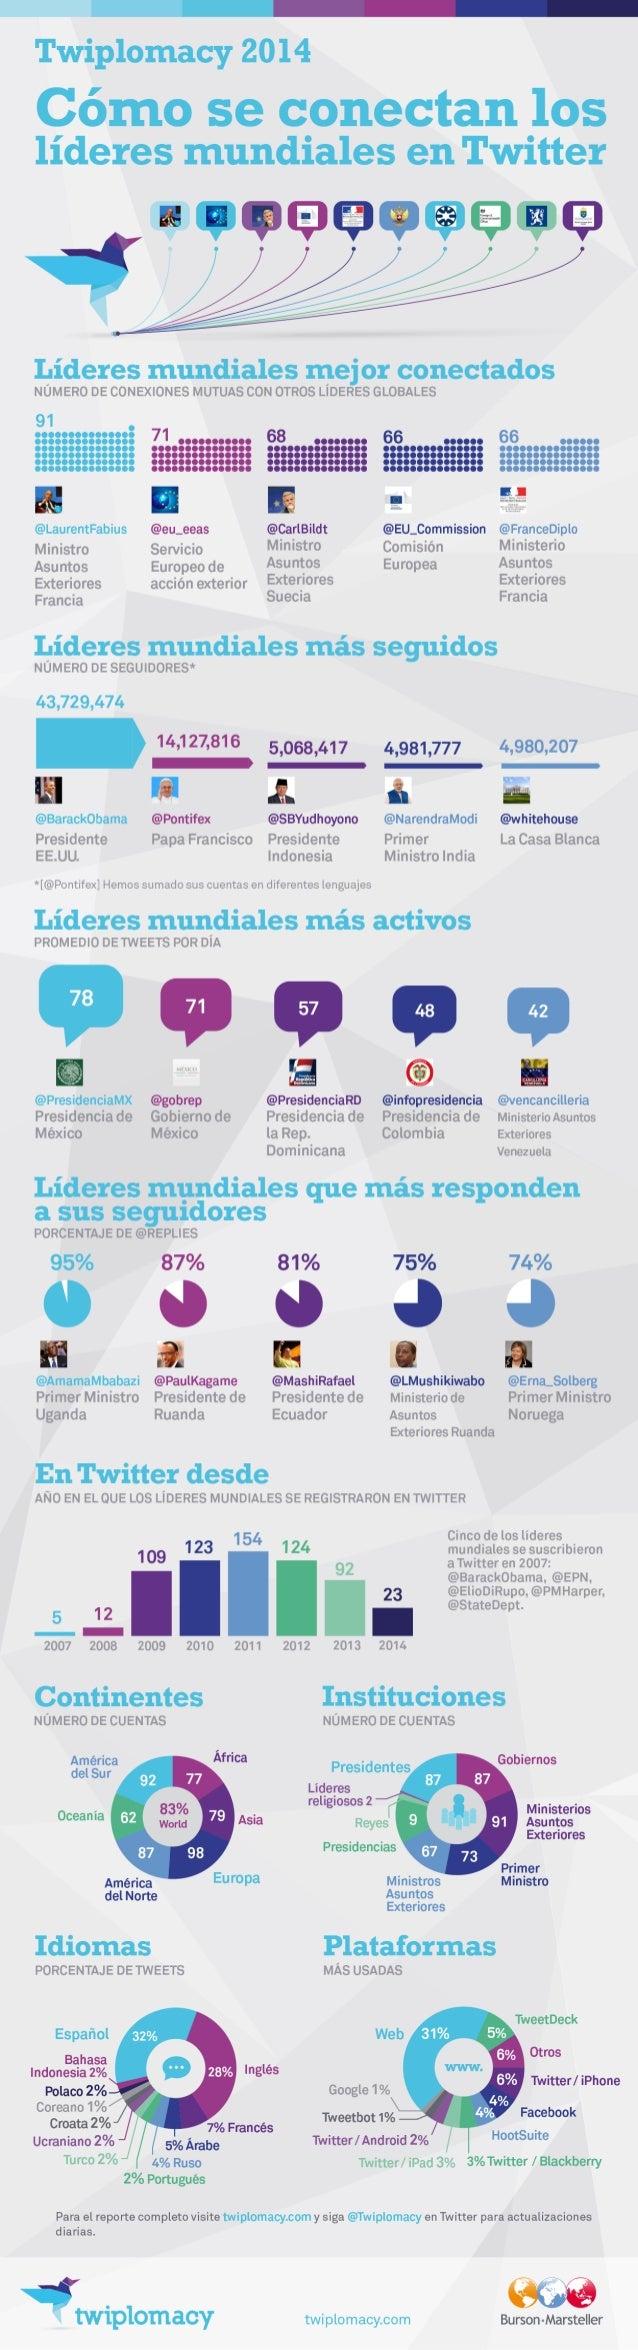 Twiplomacy 2014: ¿Cómo se conectan los líderes mundiales en Twitter? (Español)